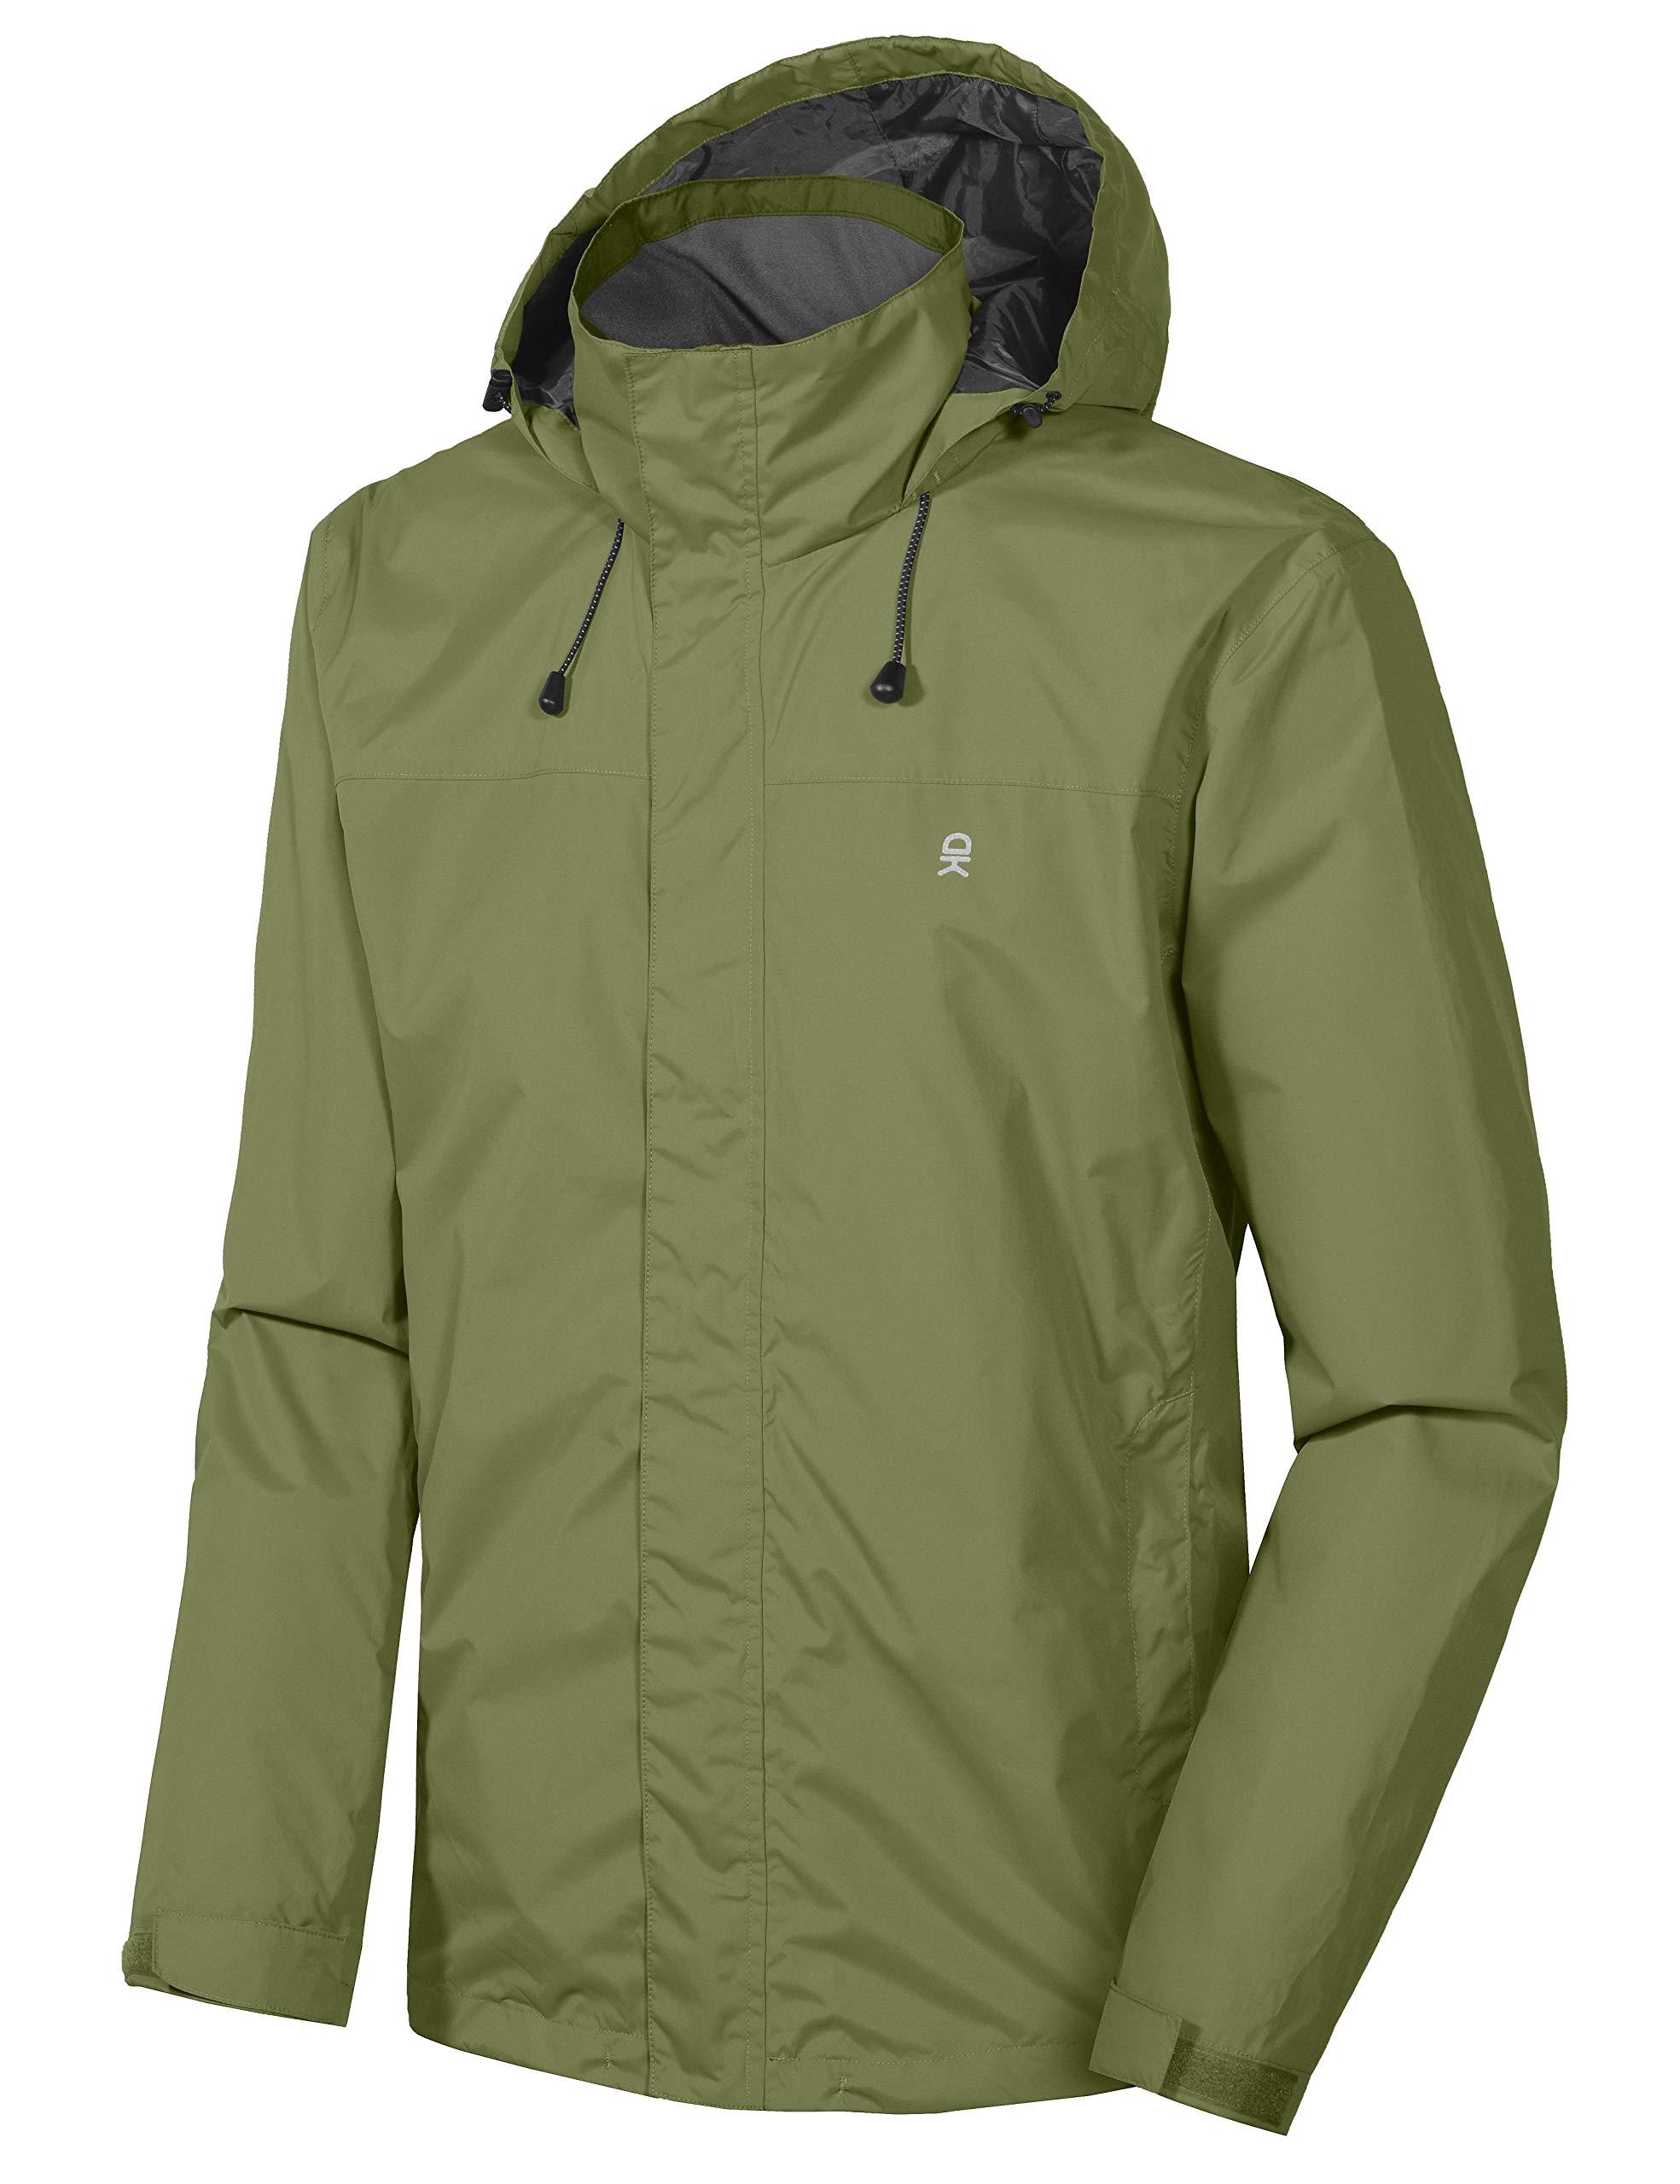 Little Donkey Andy Men's Waterproof Mountain Jacket, Rain Jacket Olive Size L by Little Donkey Andy